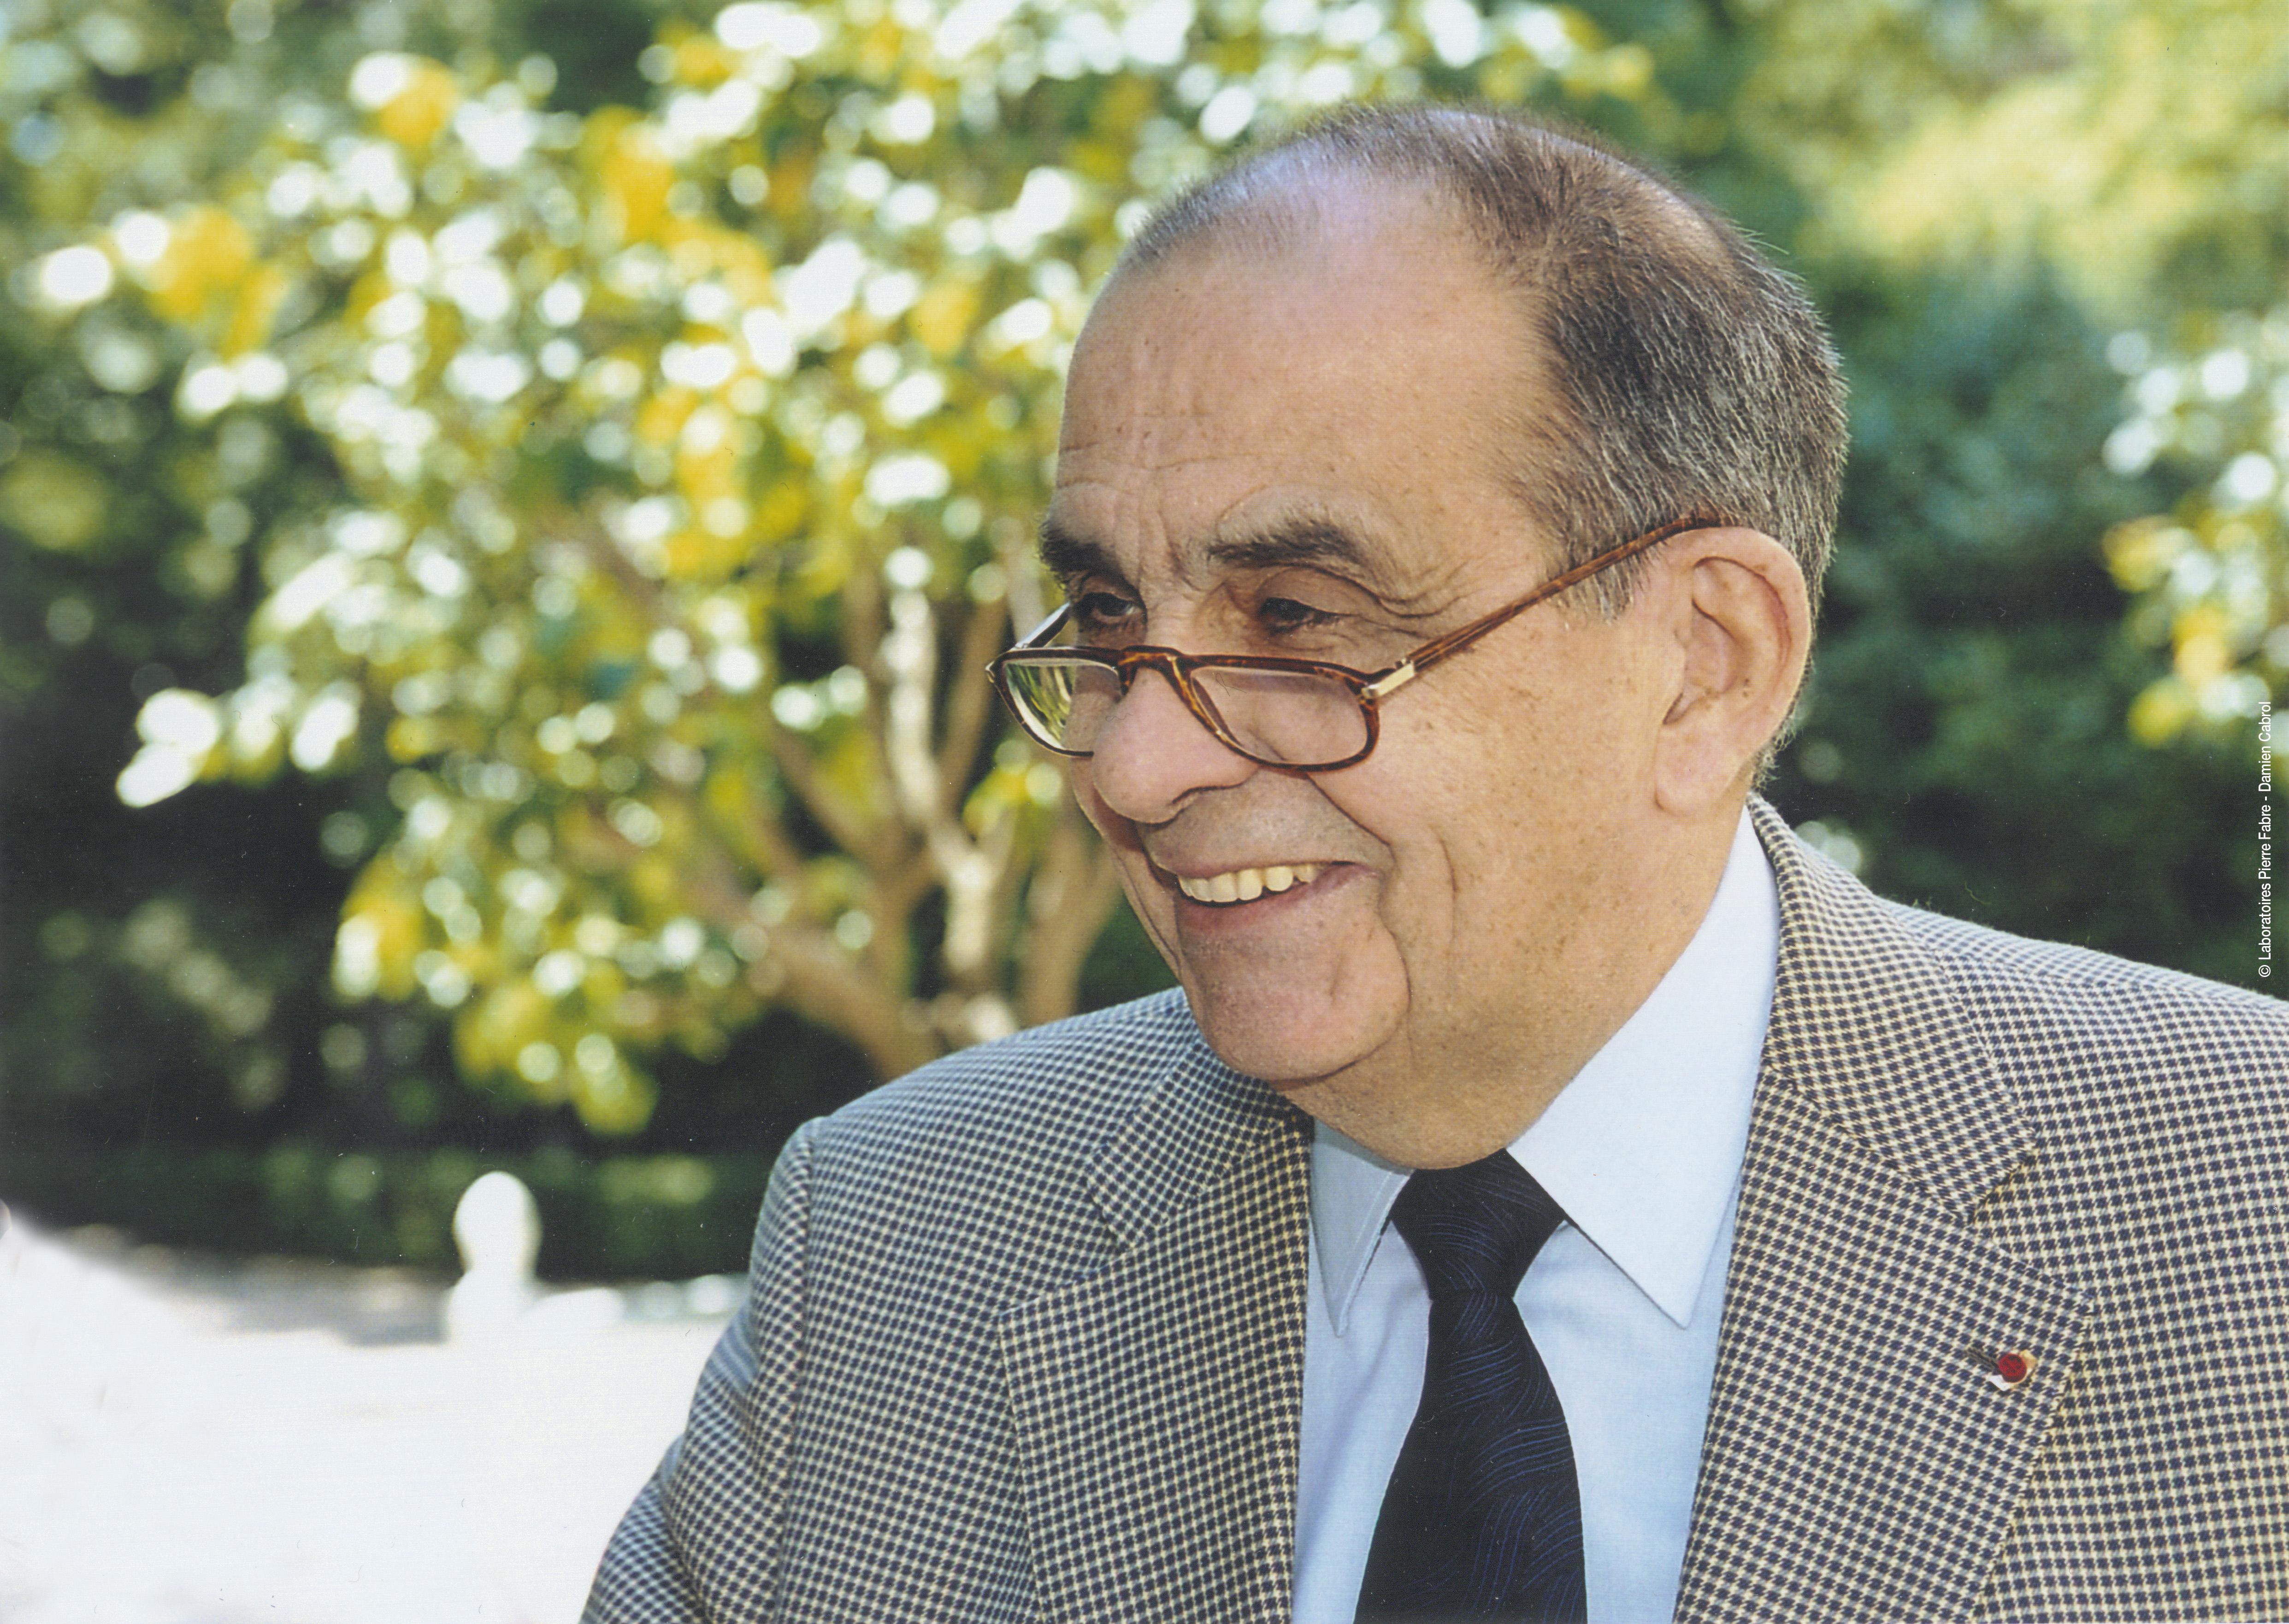 Pierre-Fabre, fondateur des laboratoires Pierre-Fabre. Cc : Pierre-Fabre dermo-cosmétique